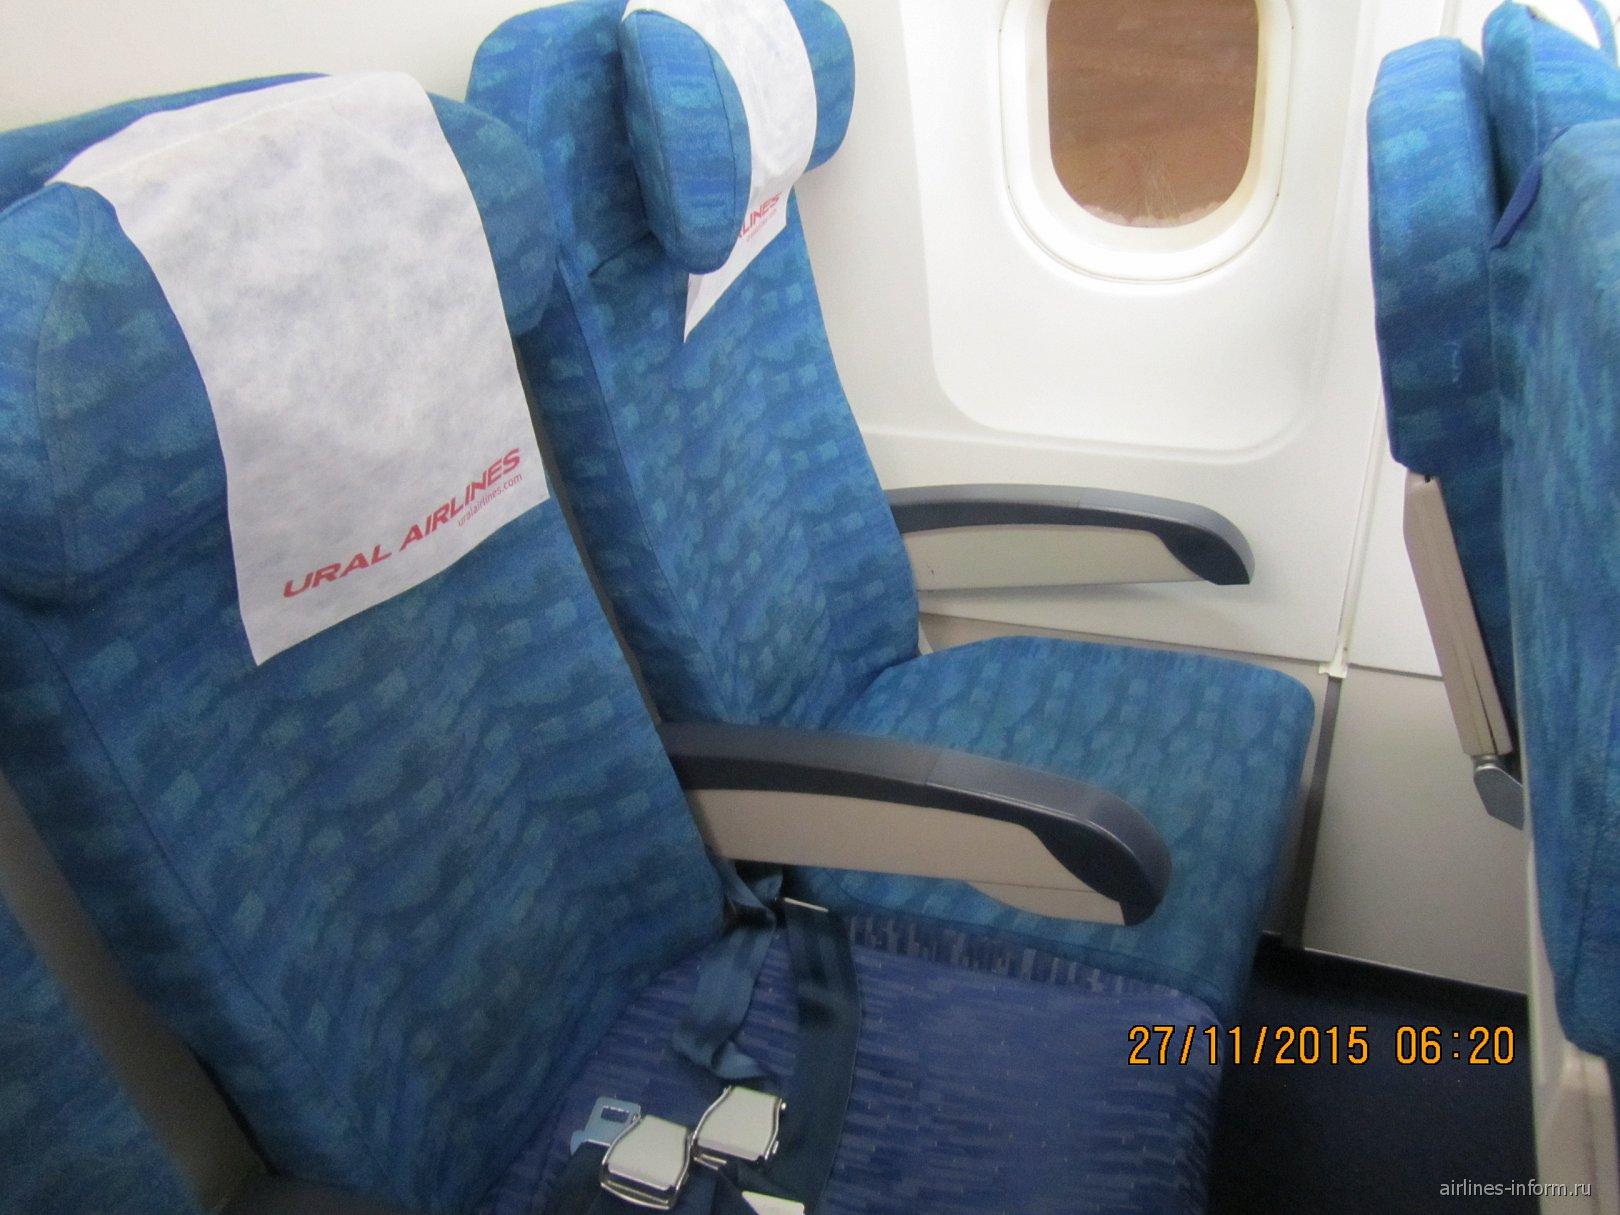 Пассажирские кресла в самолете Airbus A320 Уральских авиалиний